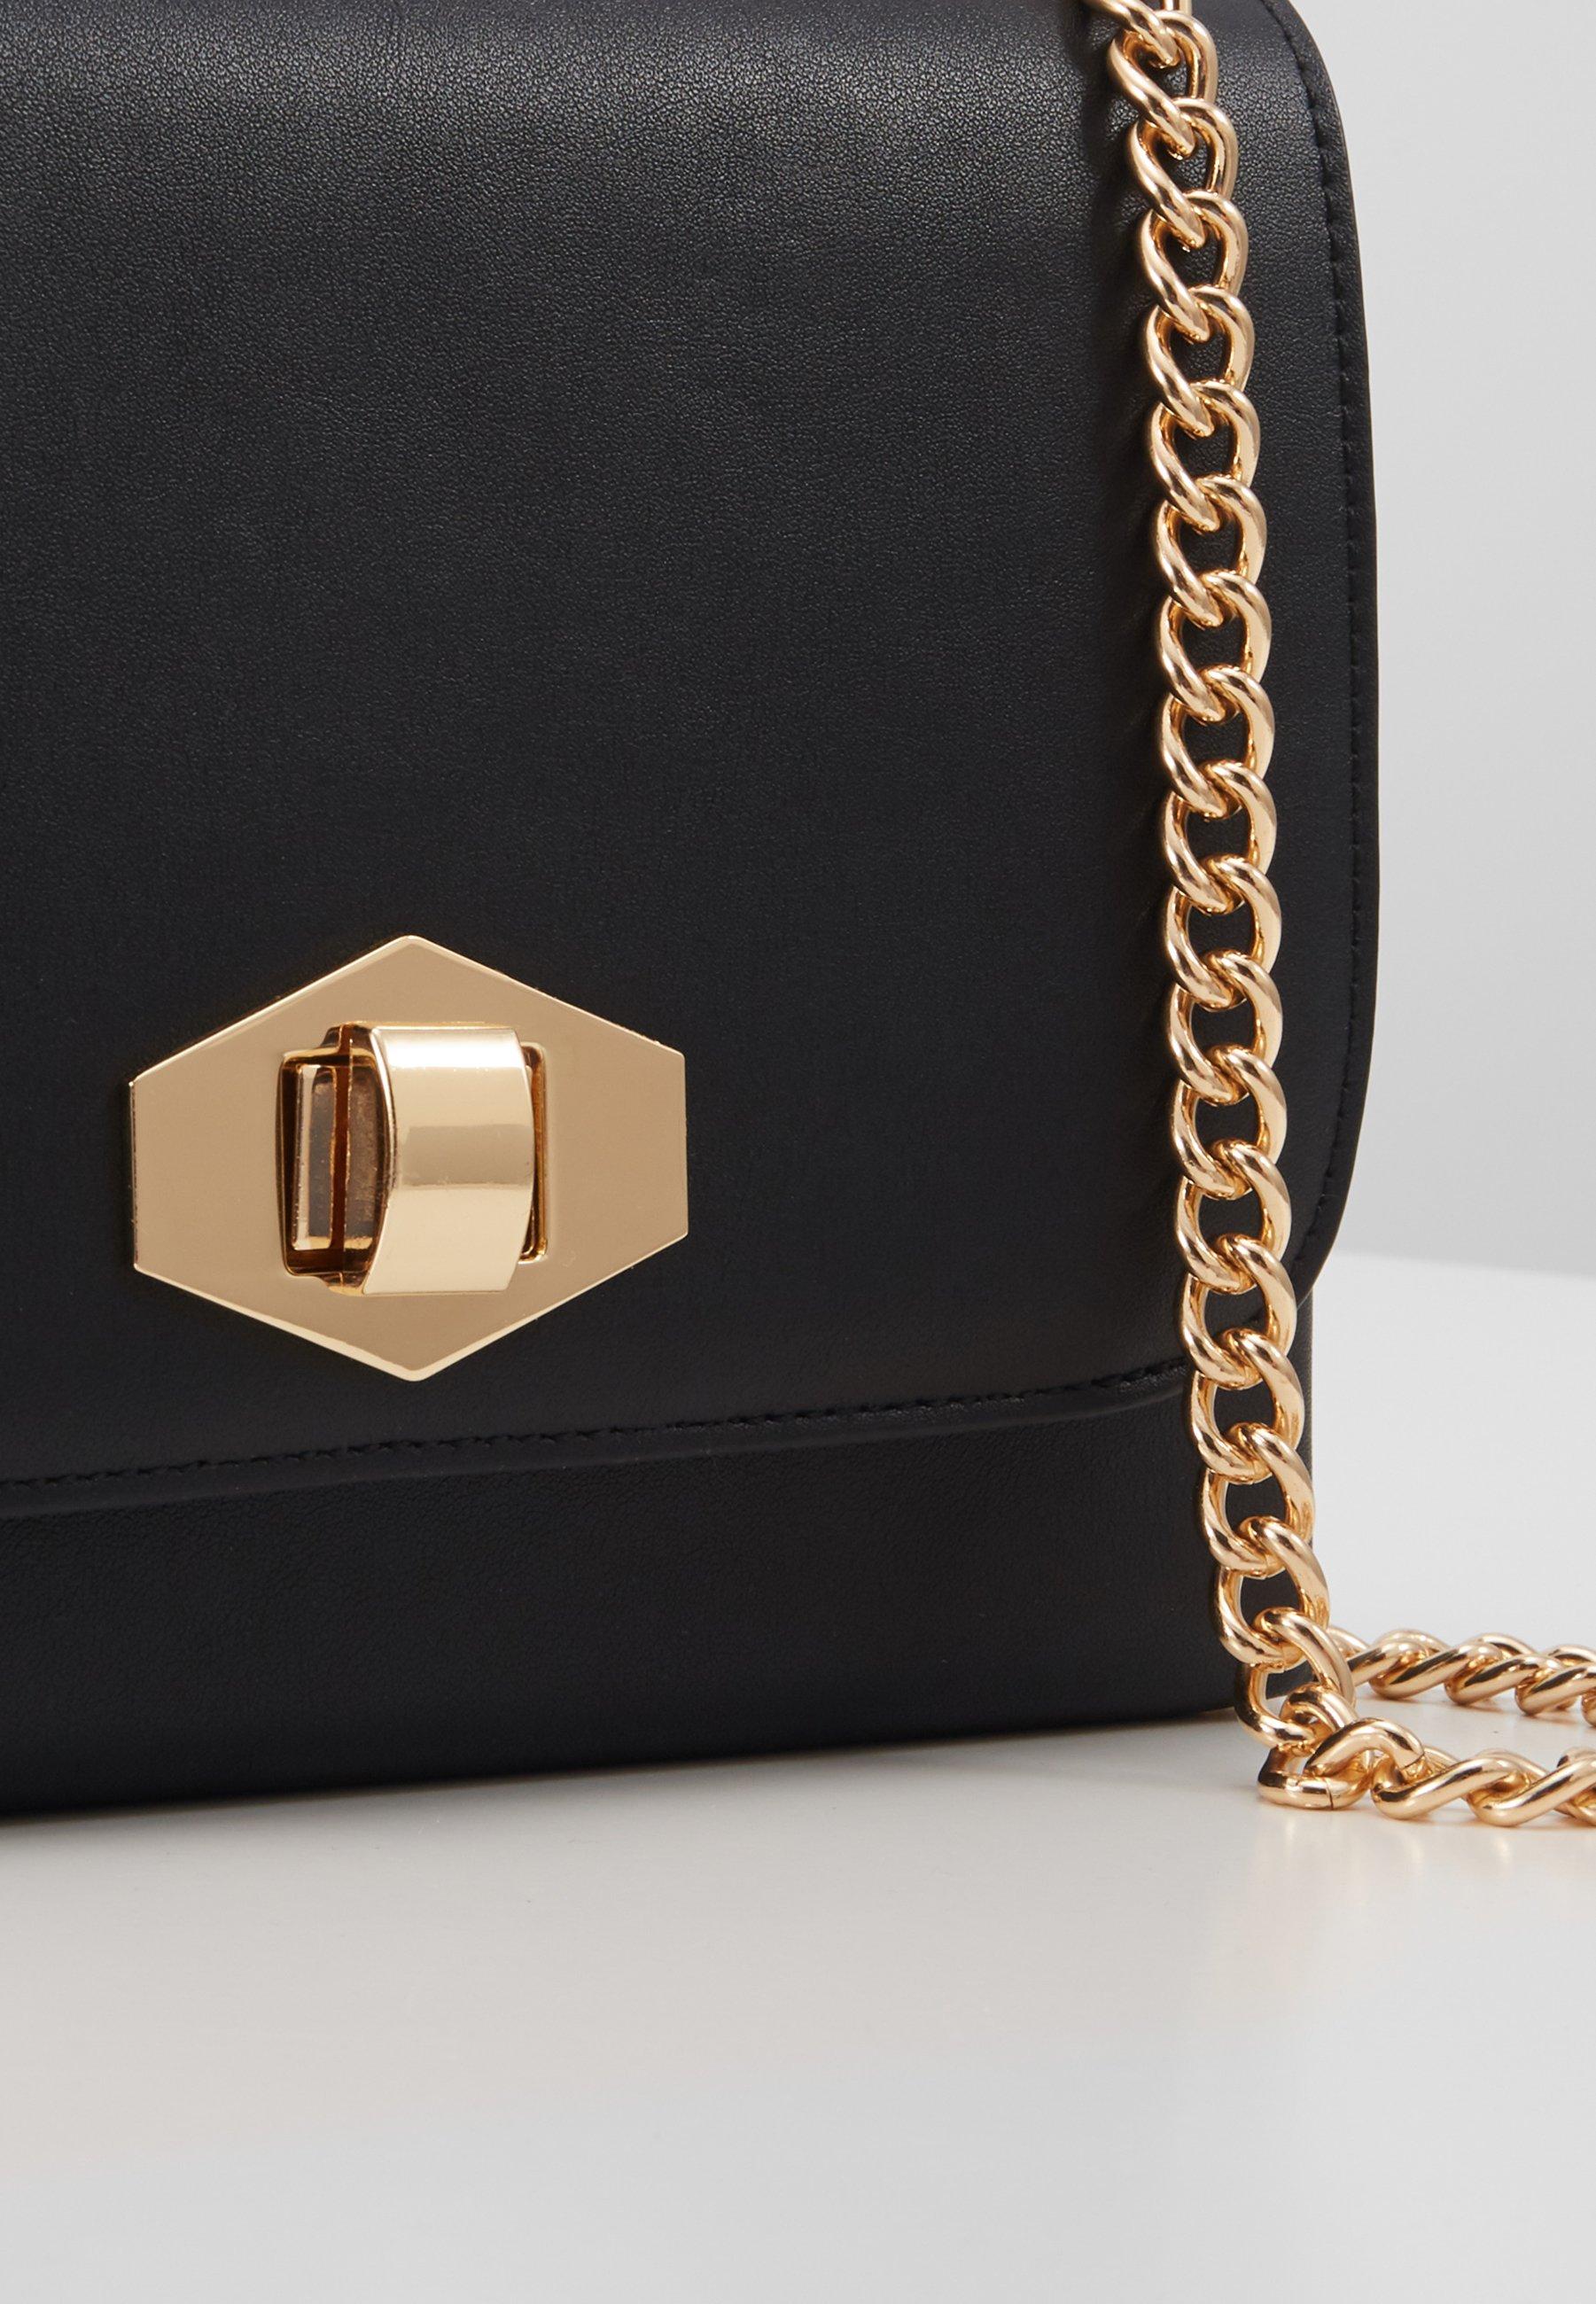 Pieces Pcsolveig Cross Body - Sac Bandoulière Black/gold